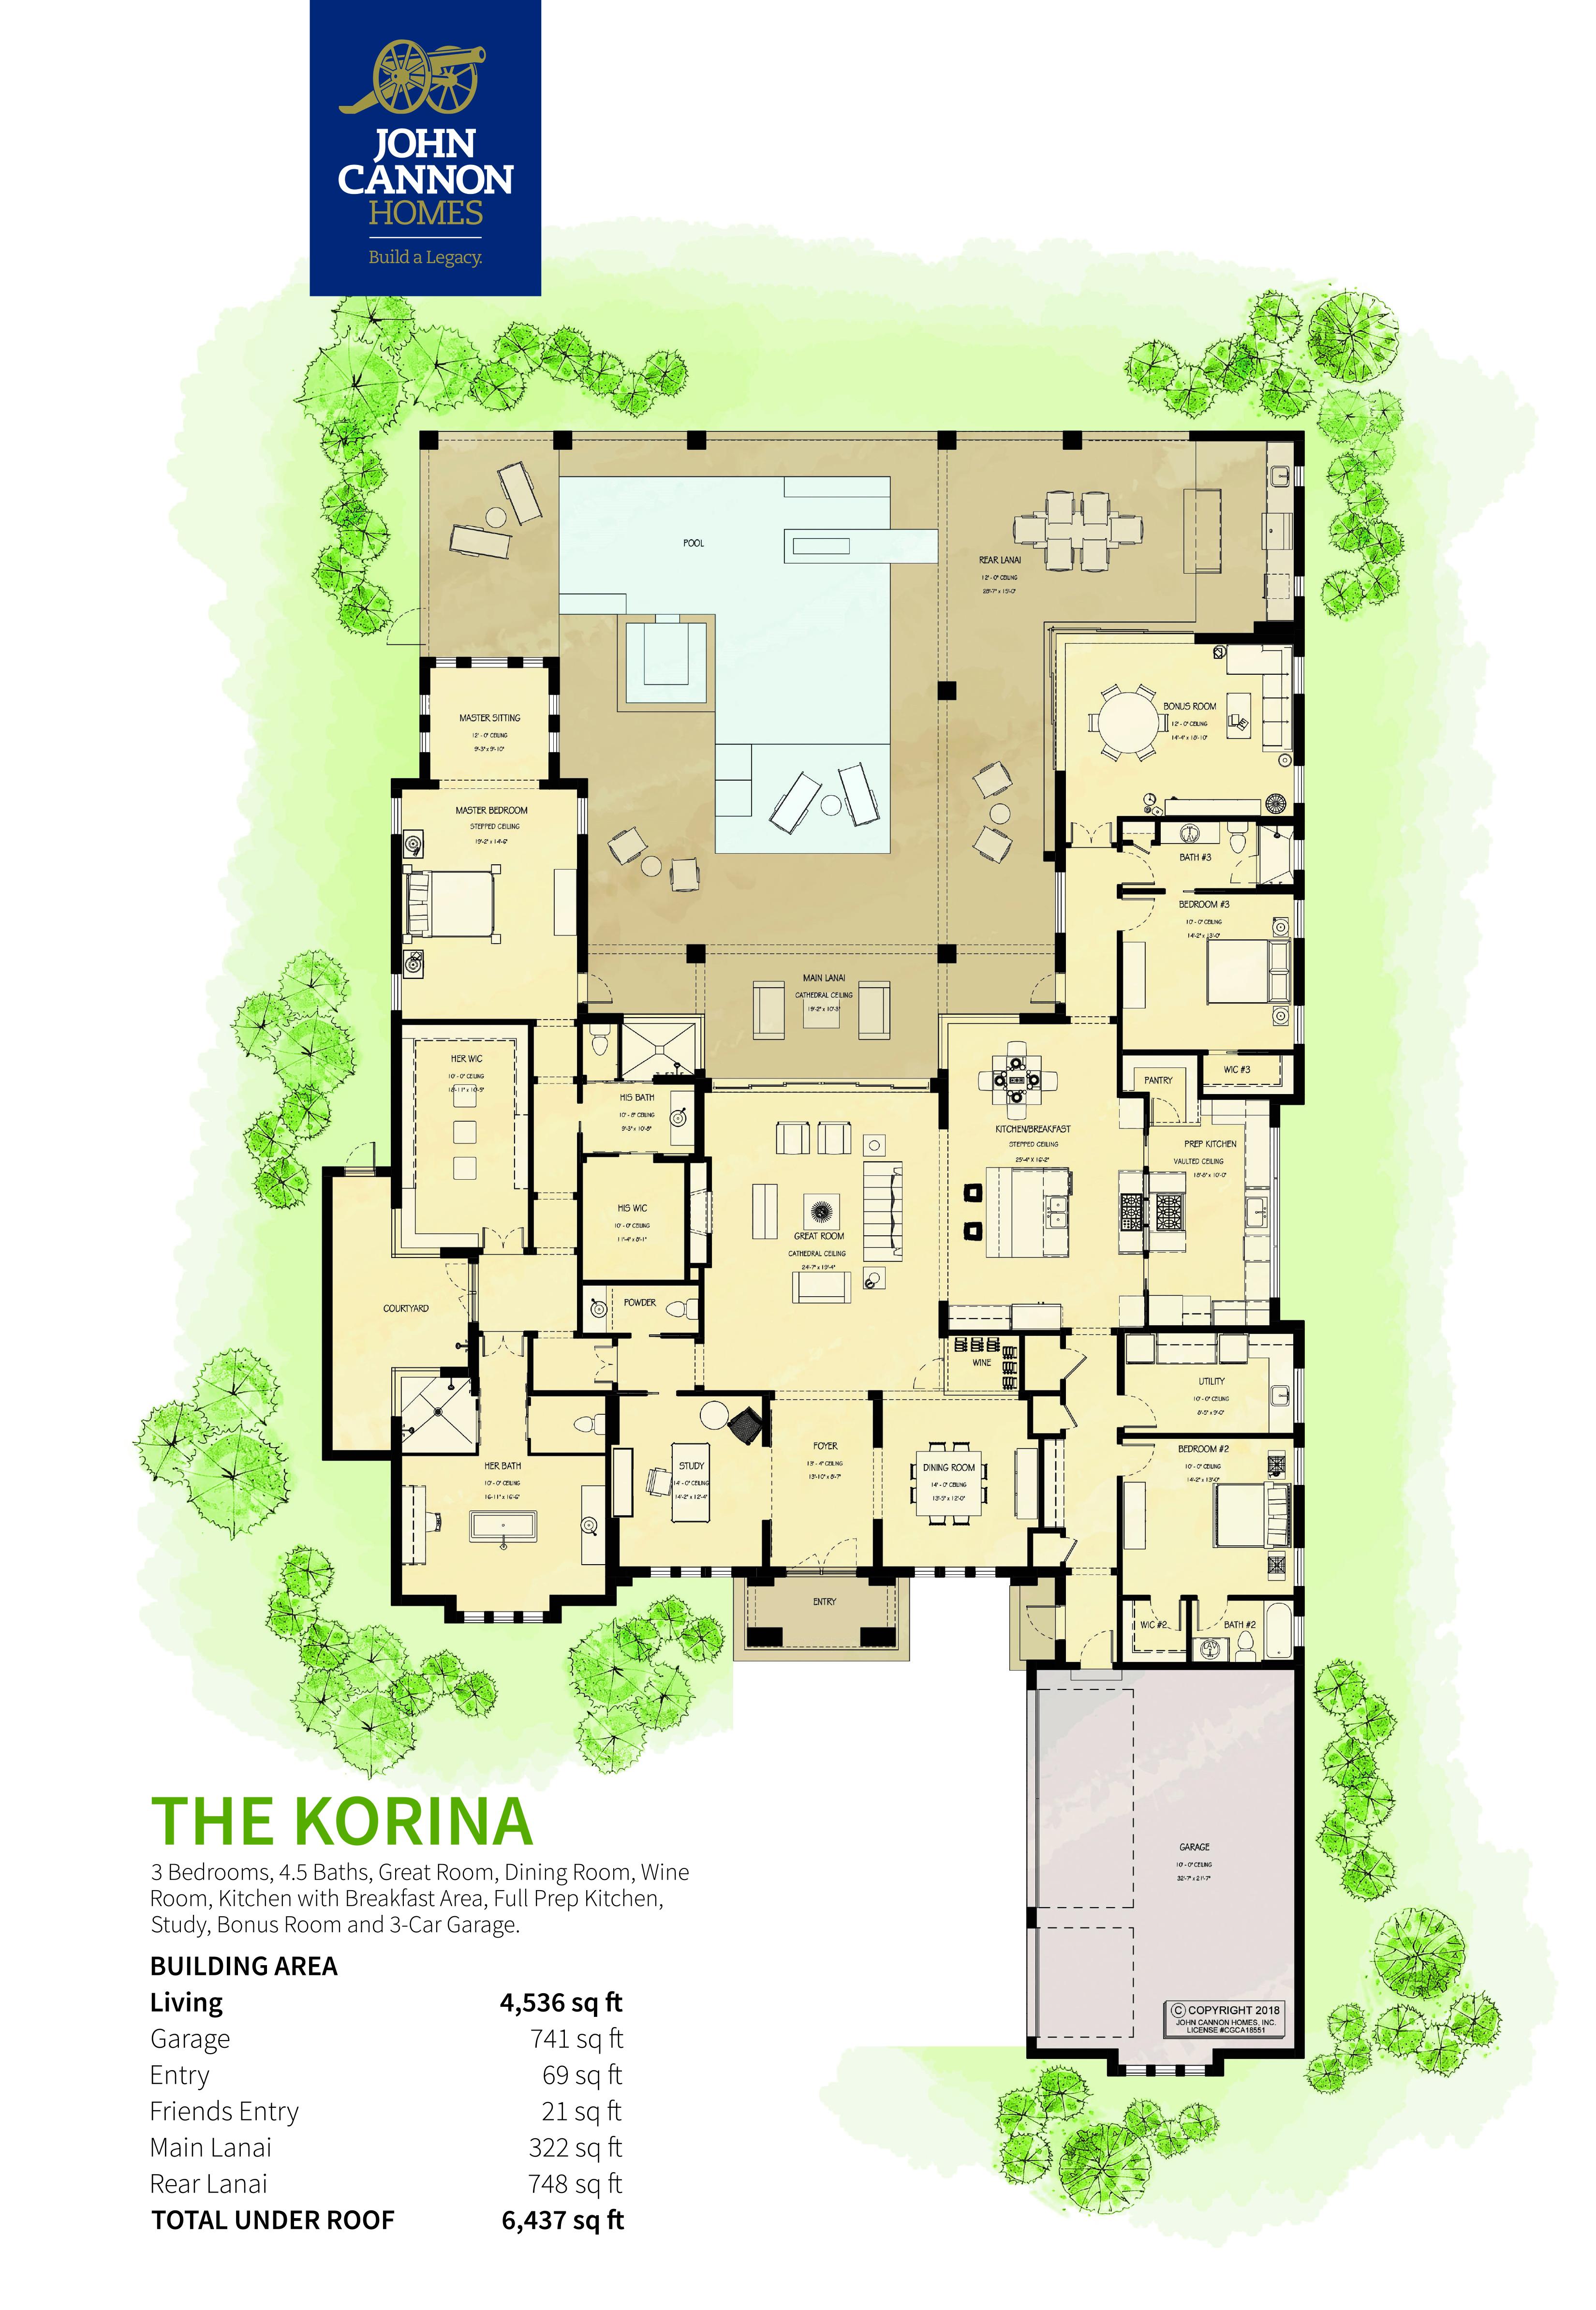 The Korina Floorplan